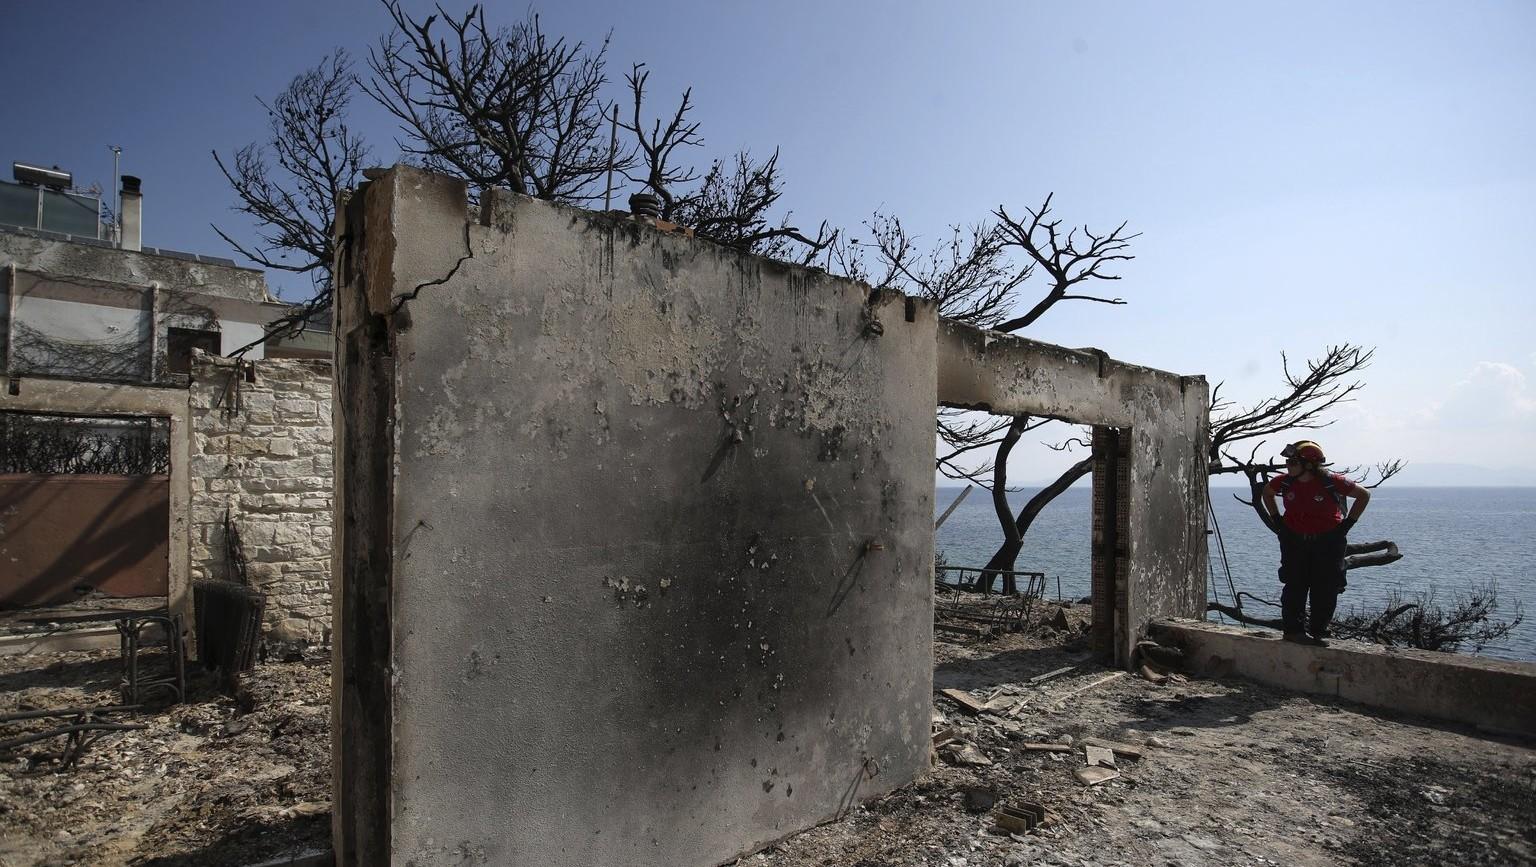 Eltűnt személyek után kutat a Görög Vöröskereszt munkatársa egy leégett lakóépületben, az Athéntól keletre fekvő, tűzvész sújtotta Matiban 2018. július 25-én (Fotó: MTI/AP/Thanászisz Sztavrakisz)